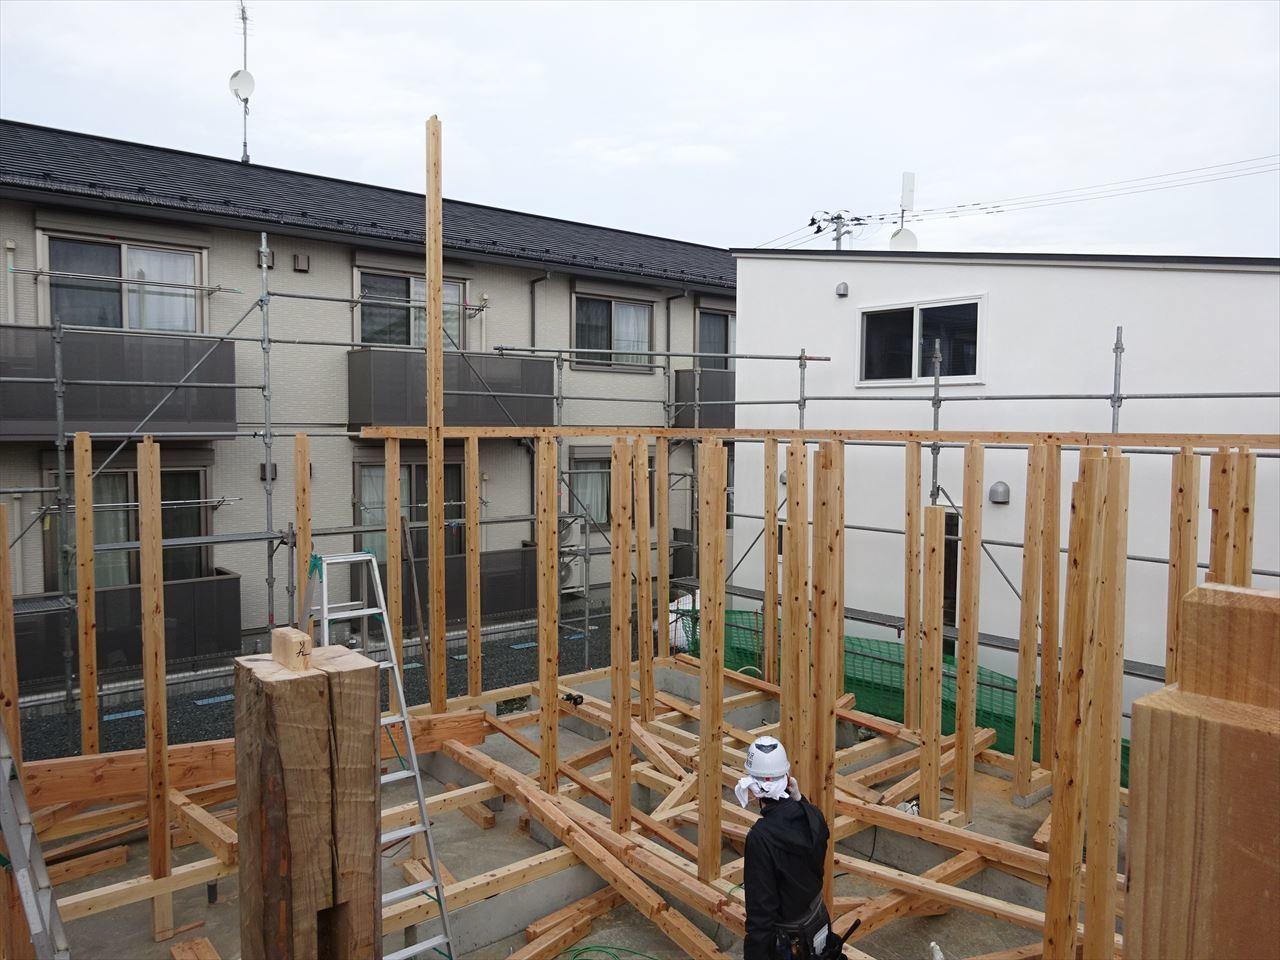 下太田 古材新築の家 建て方作業スタート!_f0105112_04292005.jpg